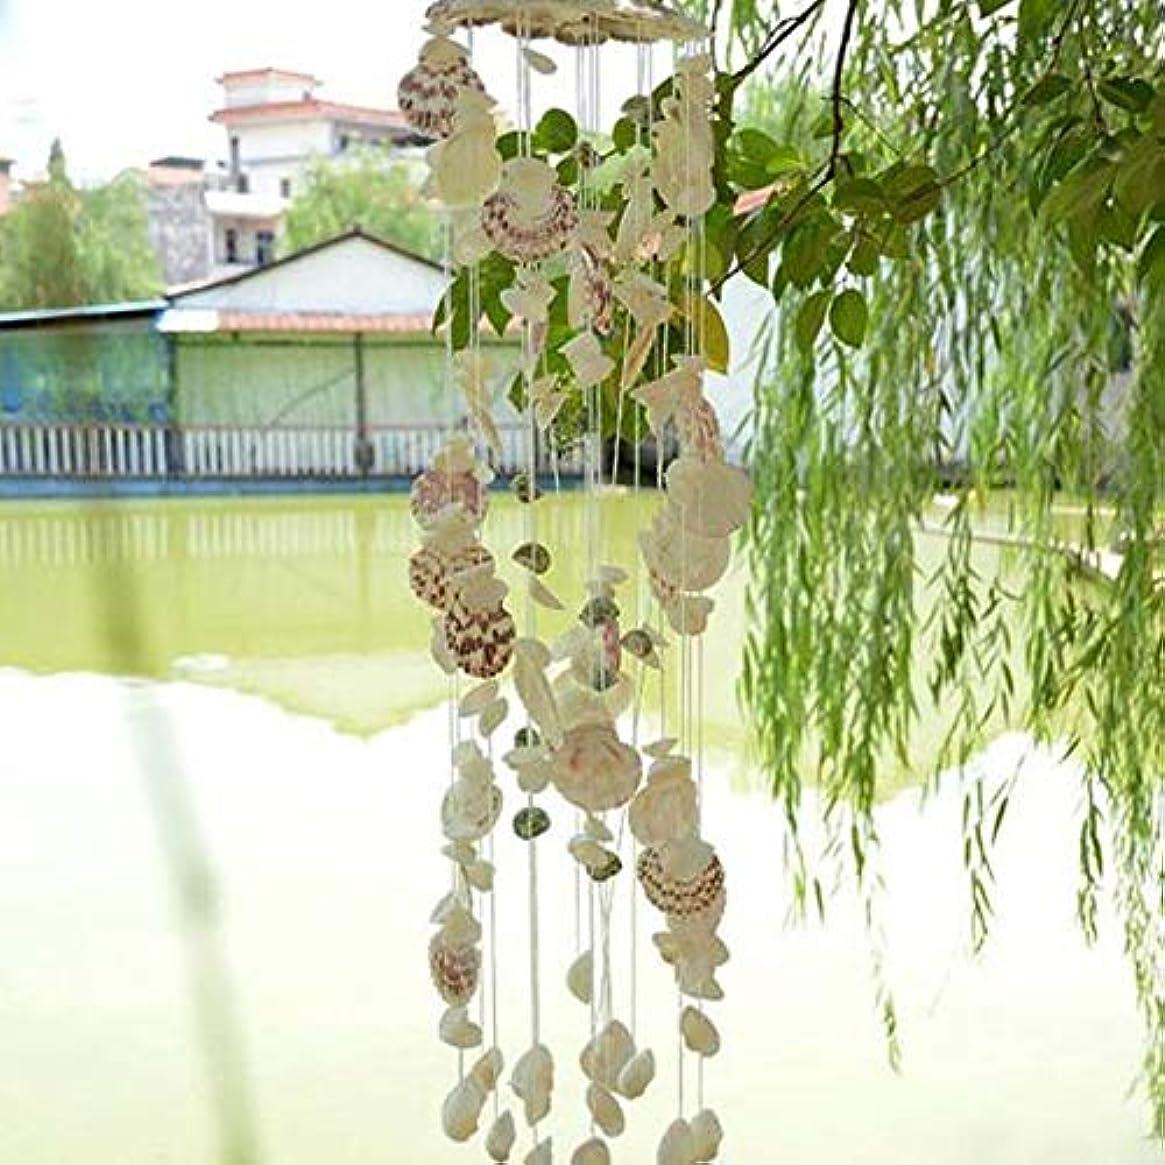 ブラザー協同小人Hongyushanghang 風チャイム、かわいい手作りのクリエイティブシェル風の鐘、斑入り、全長約95CM,、ジュエリークリエイティブホリデーギフトを掛ける (Color : White)